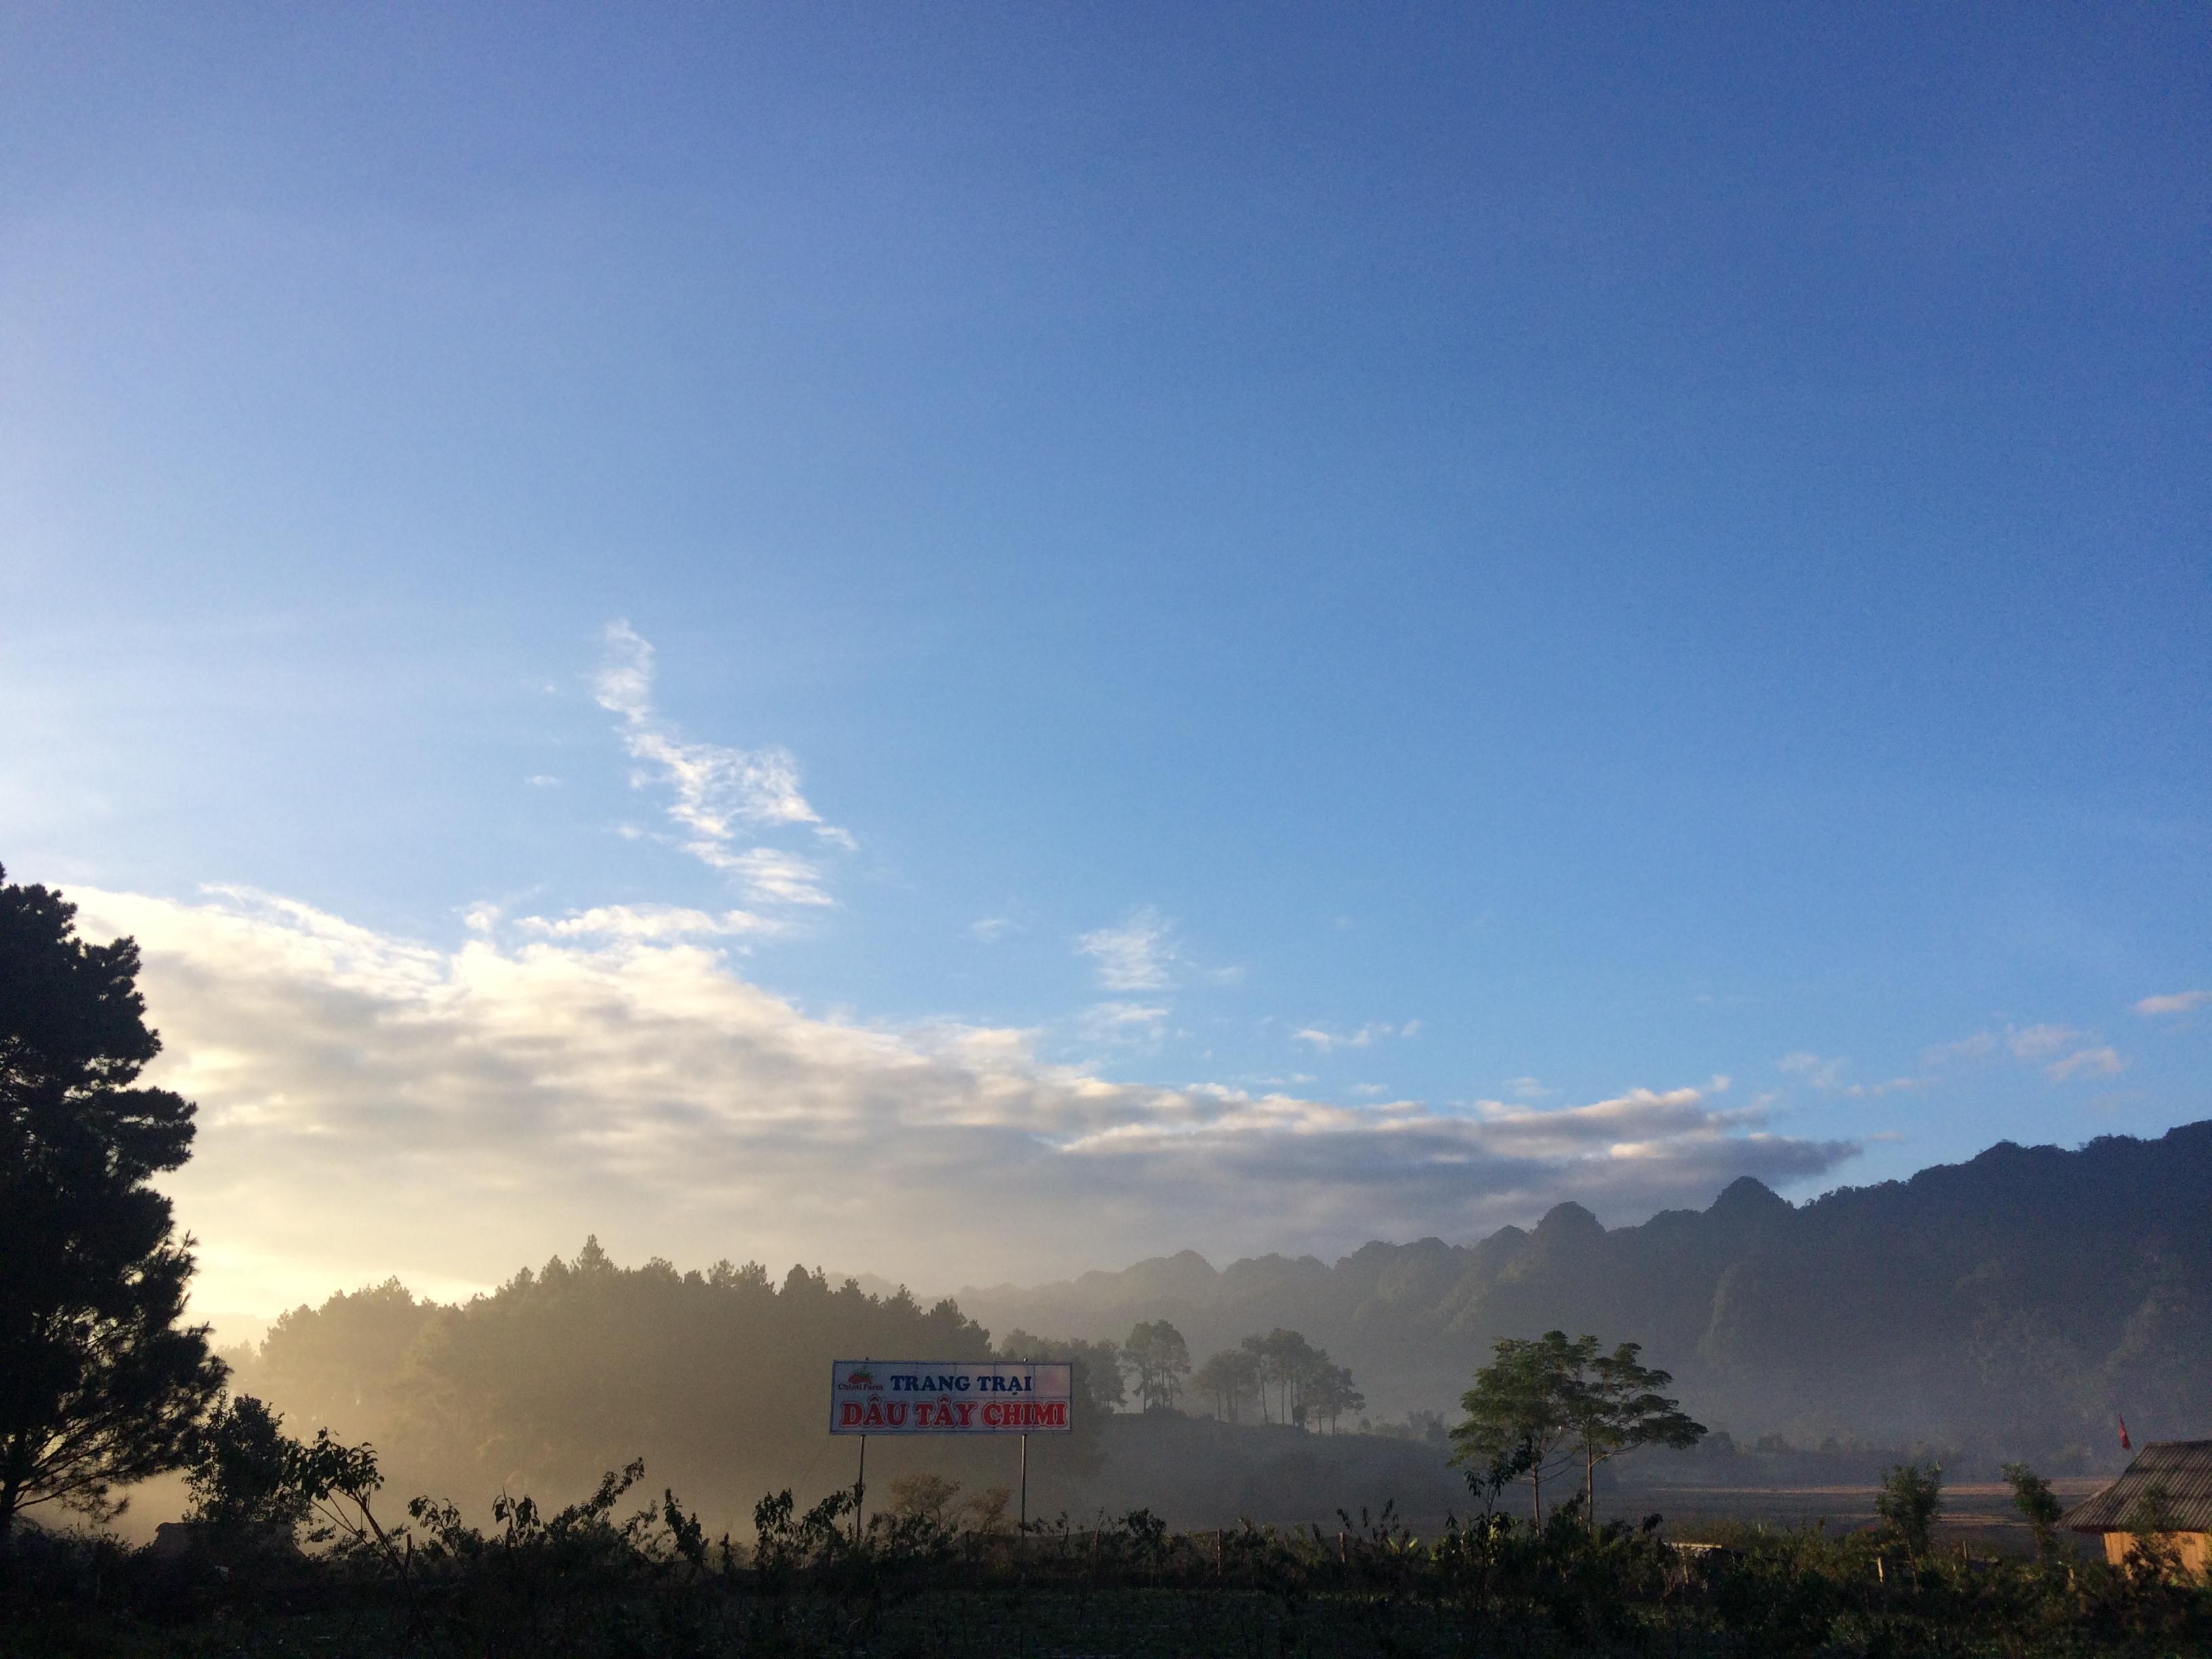 Trang trại dâu tây Chimi nằm bên cạnh rừng thông Bản Áng